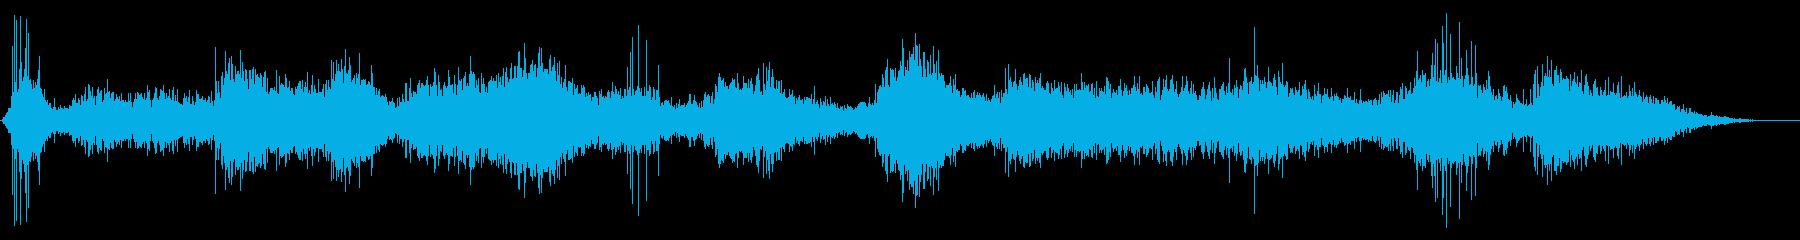 水に落下後、波に呑まれるような音の再生済みの波形